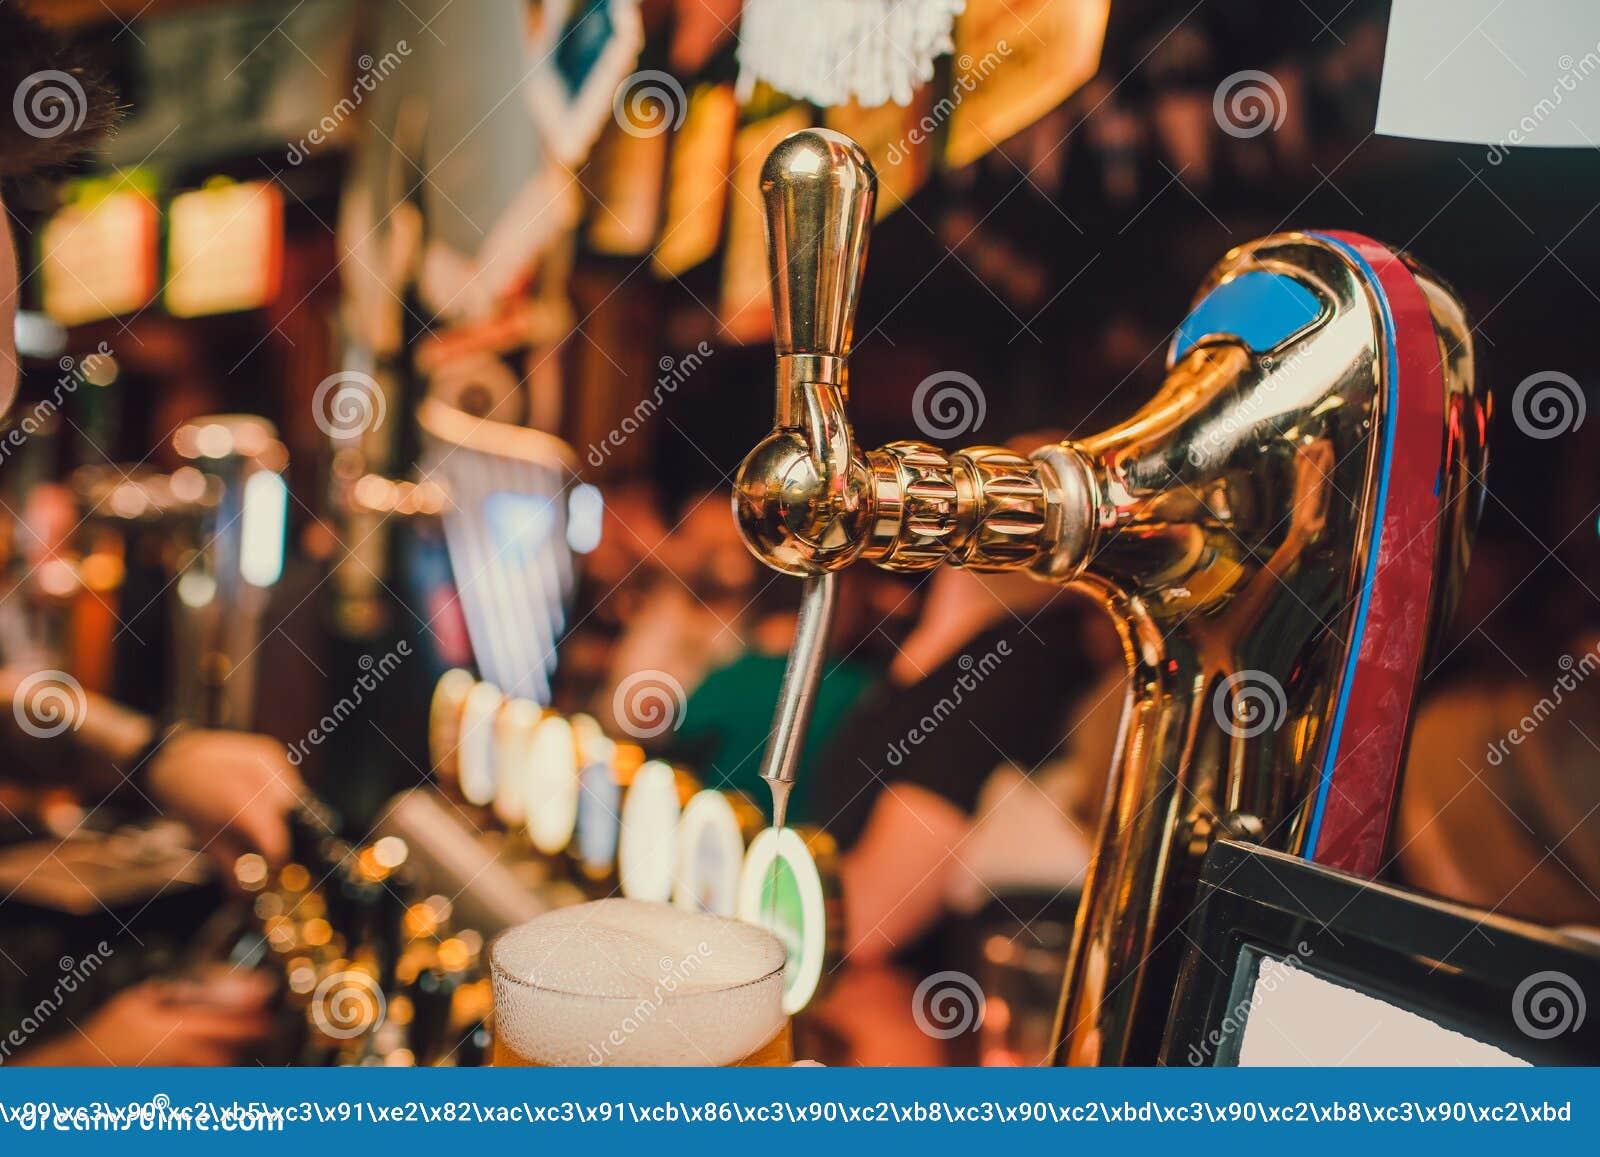 Le barman remet verser une bière blonde dans un verre